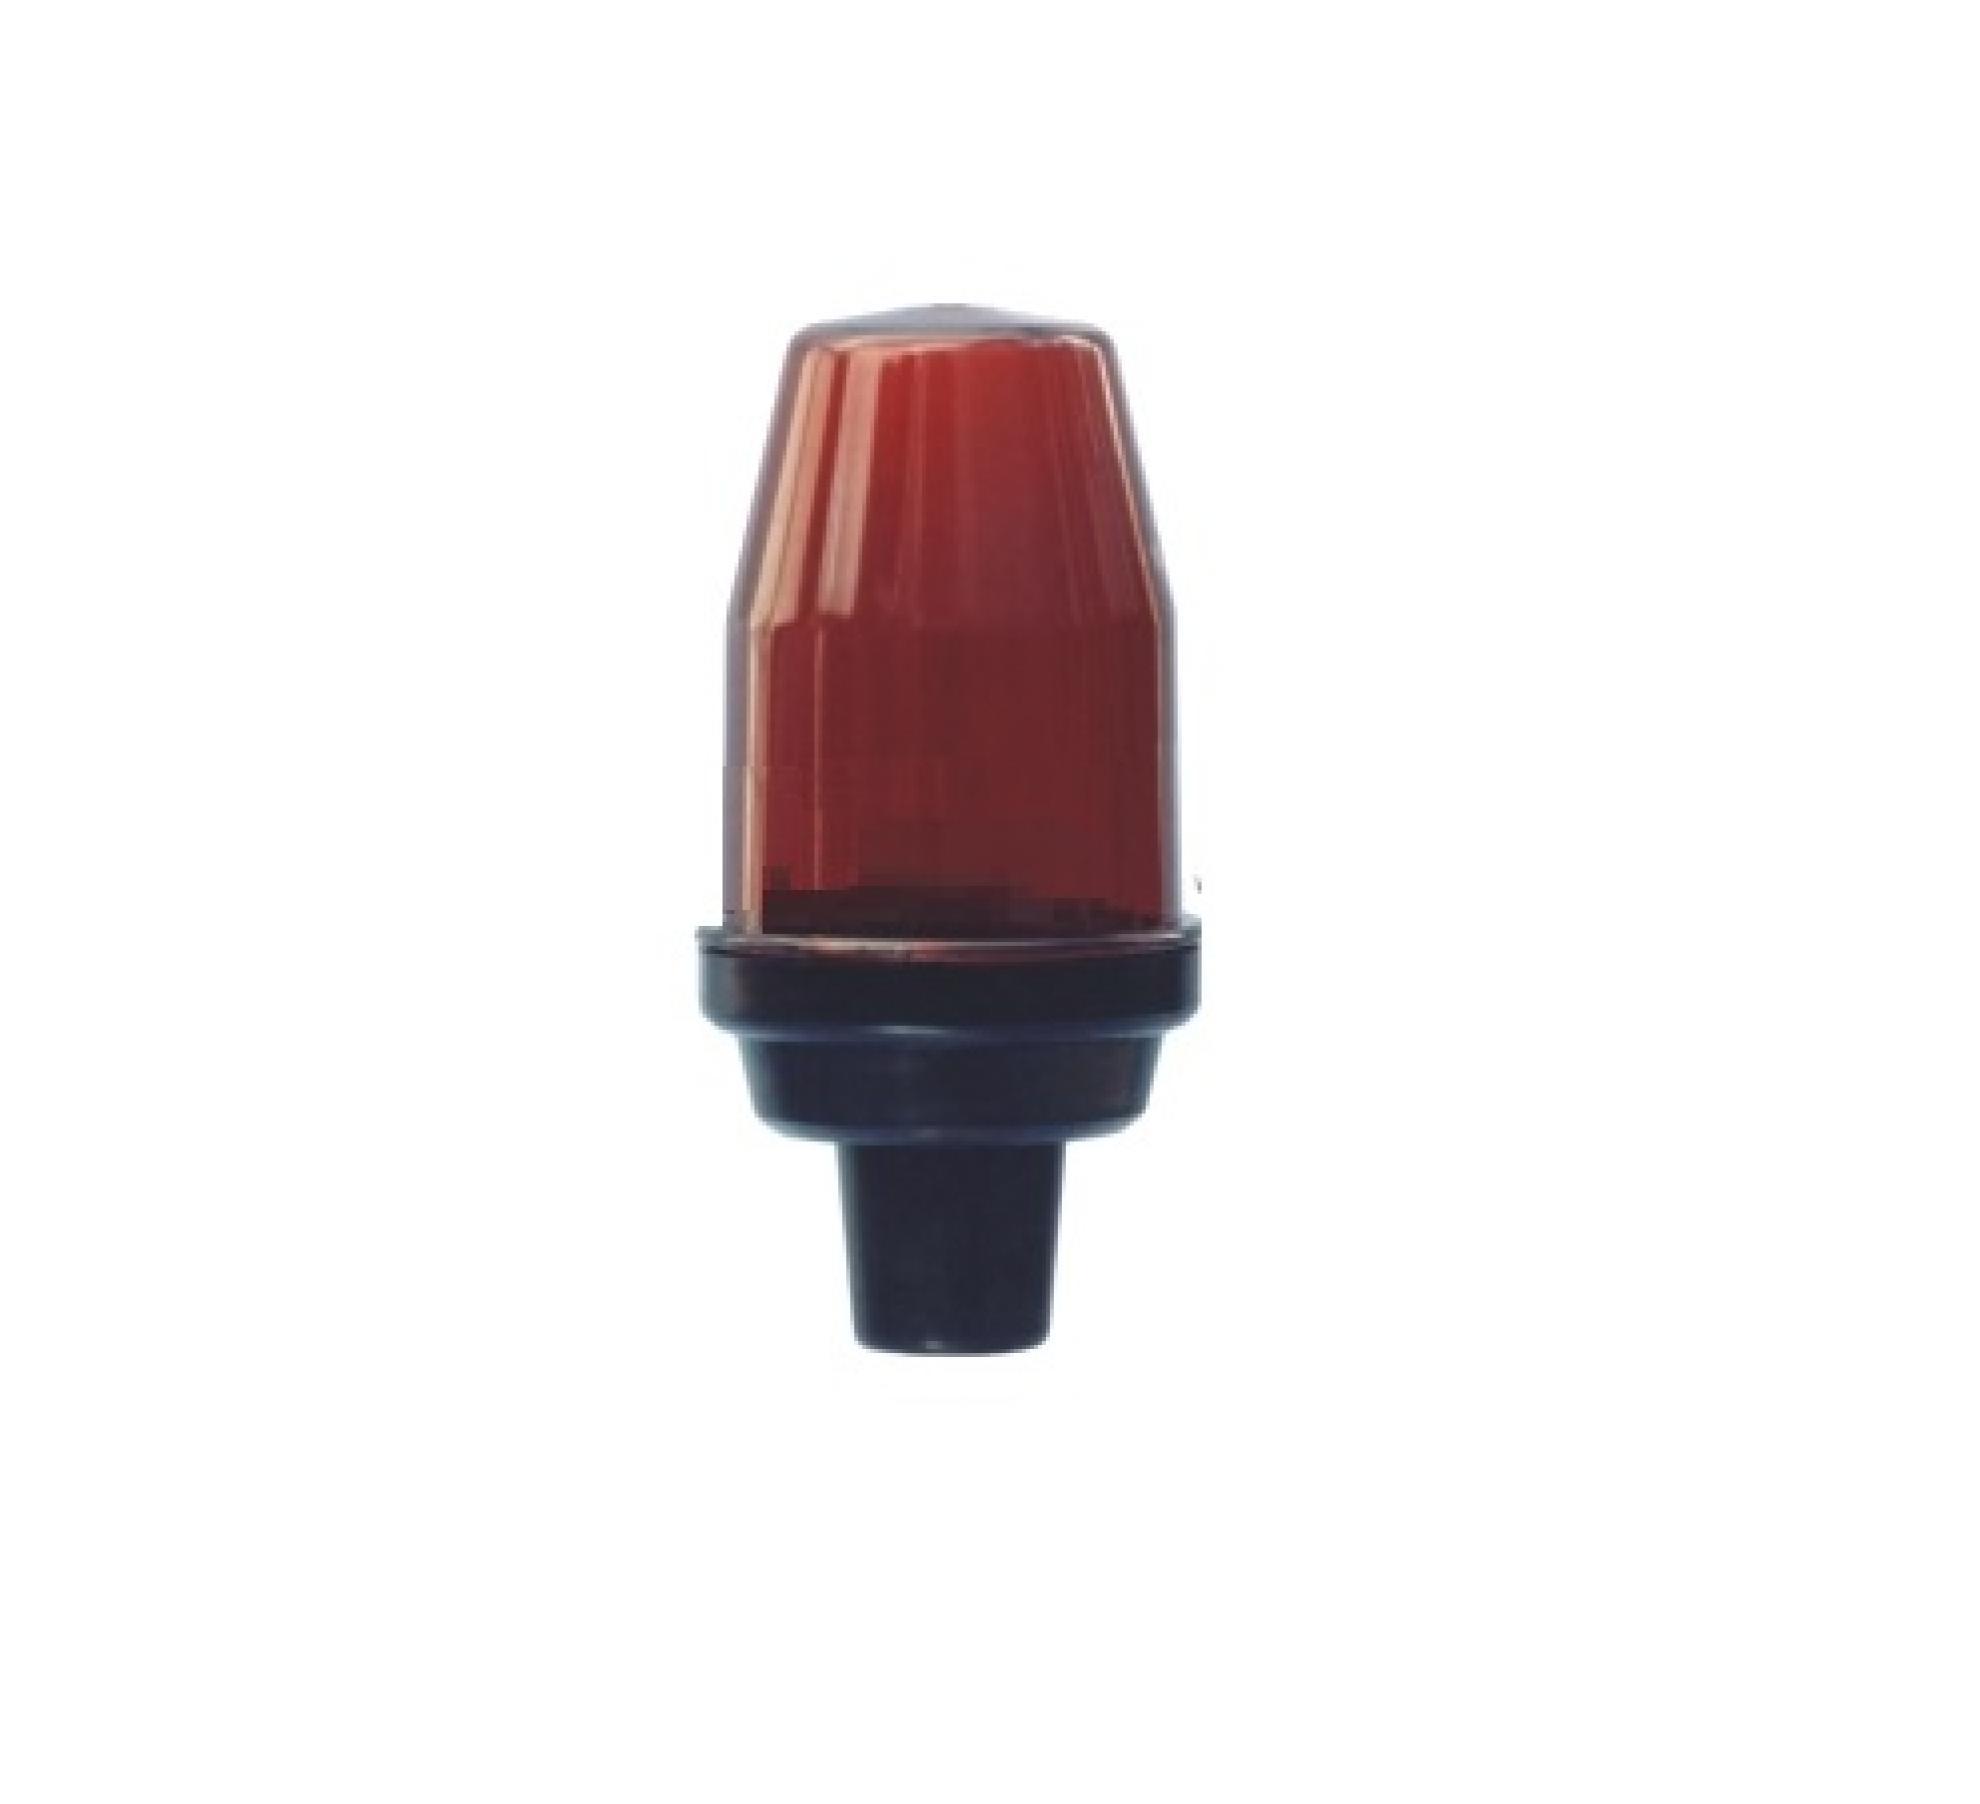 Sinalizador simples 60w - Sem celula